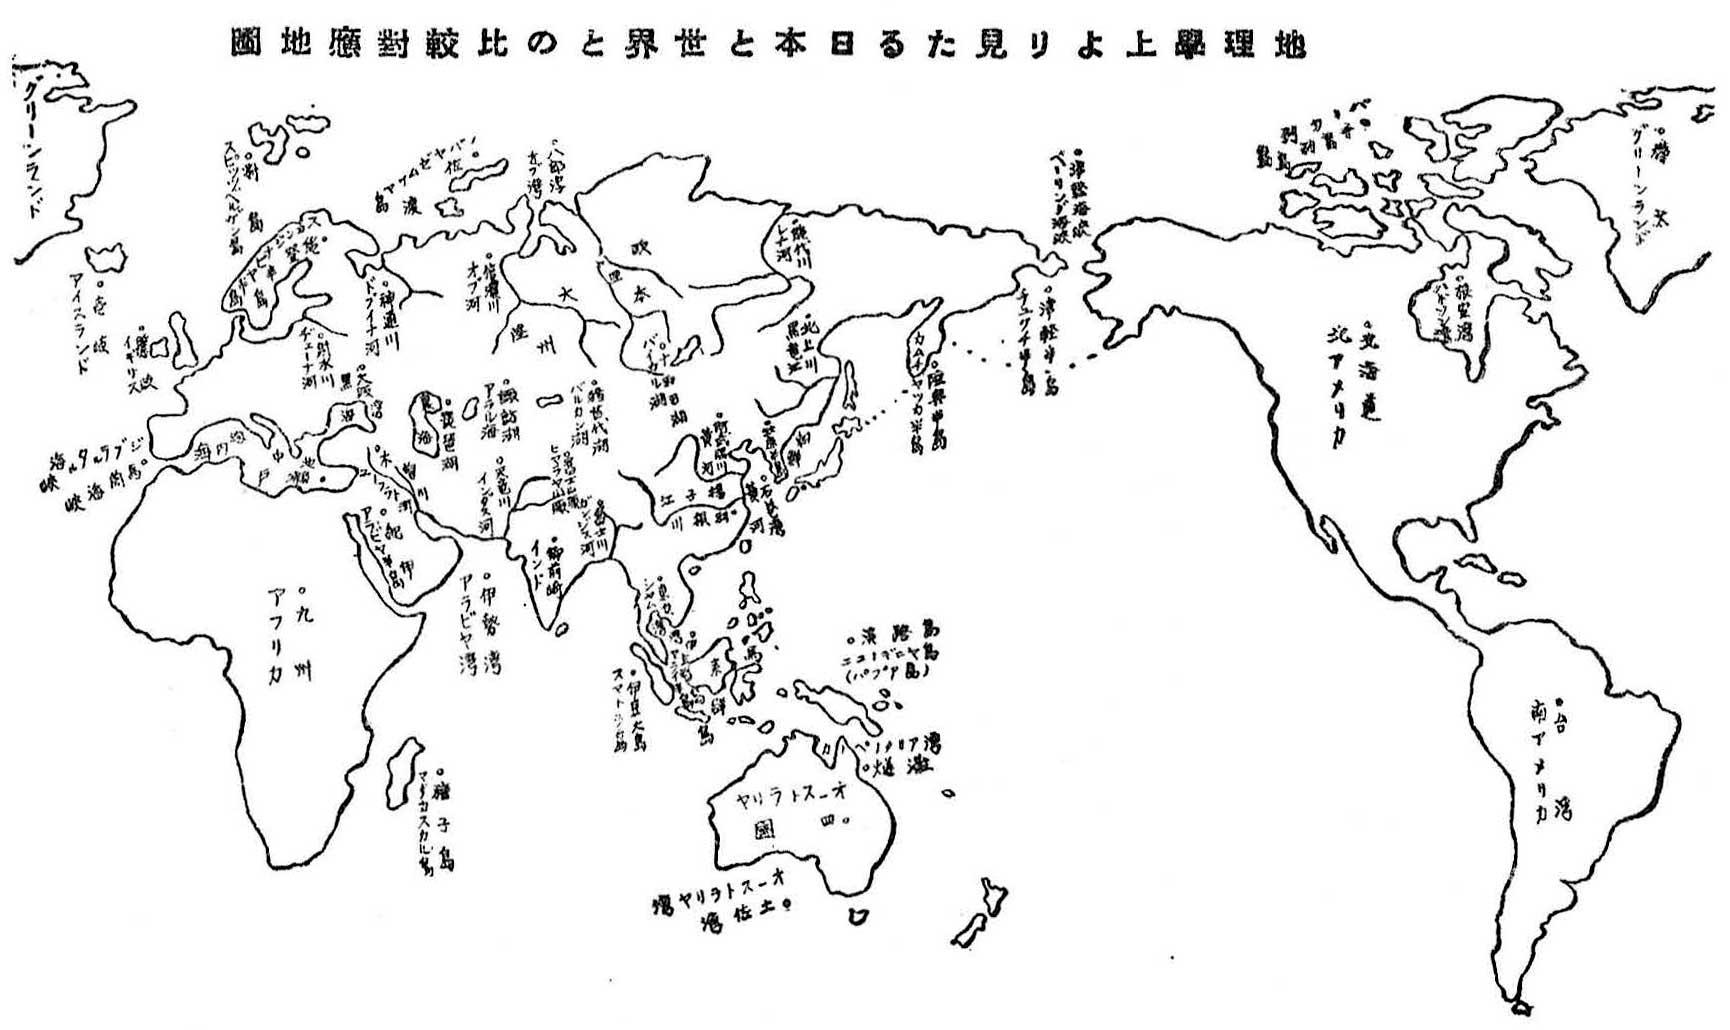 地理学上より見たる日本と世界との比較対応地図